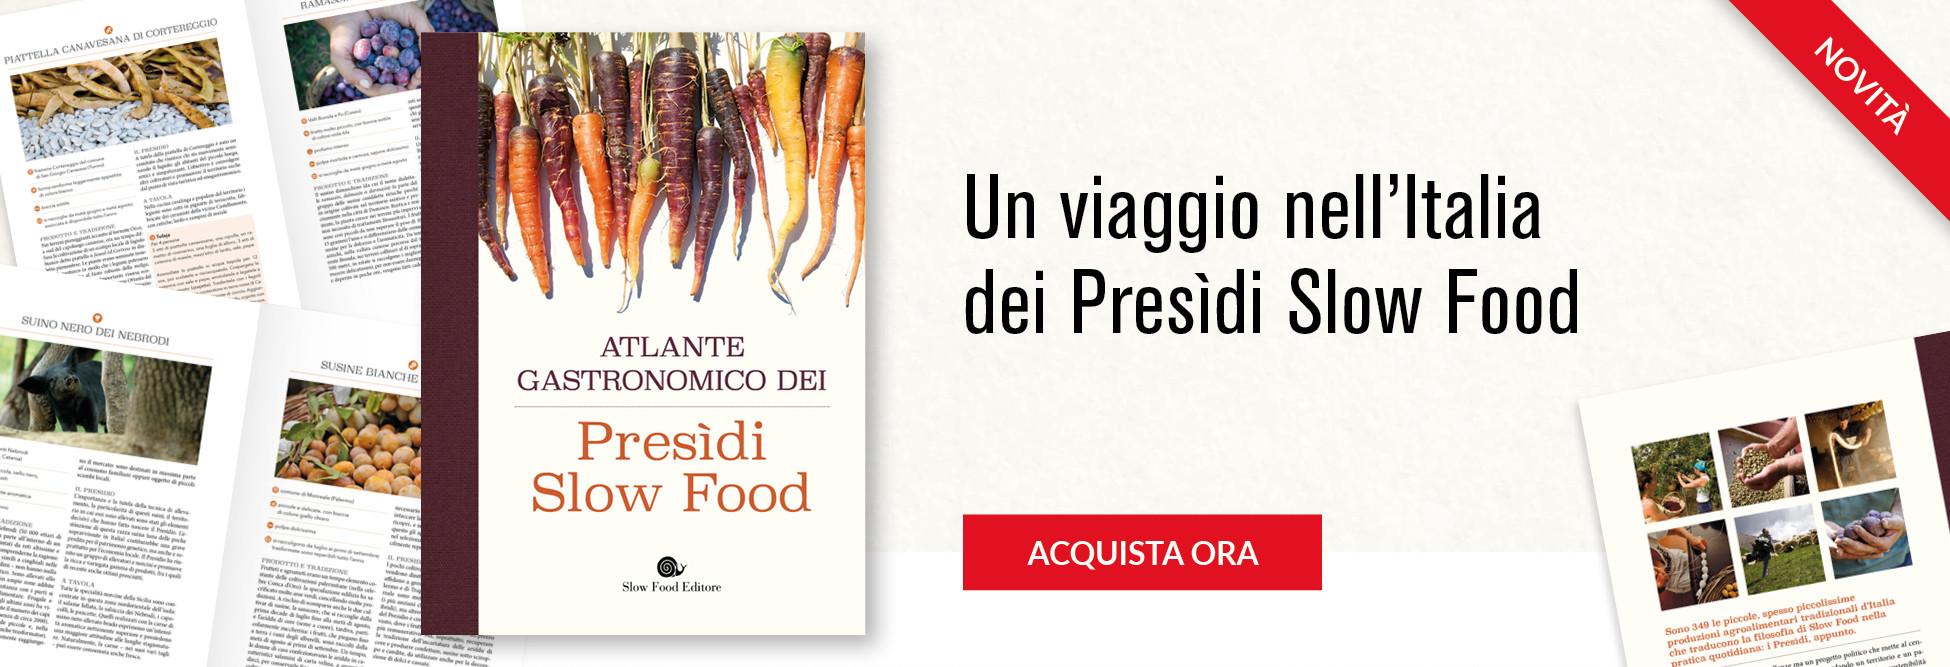 349 piccole produzioni agroalimentari tradizionali d'Italia